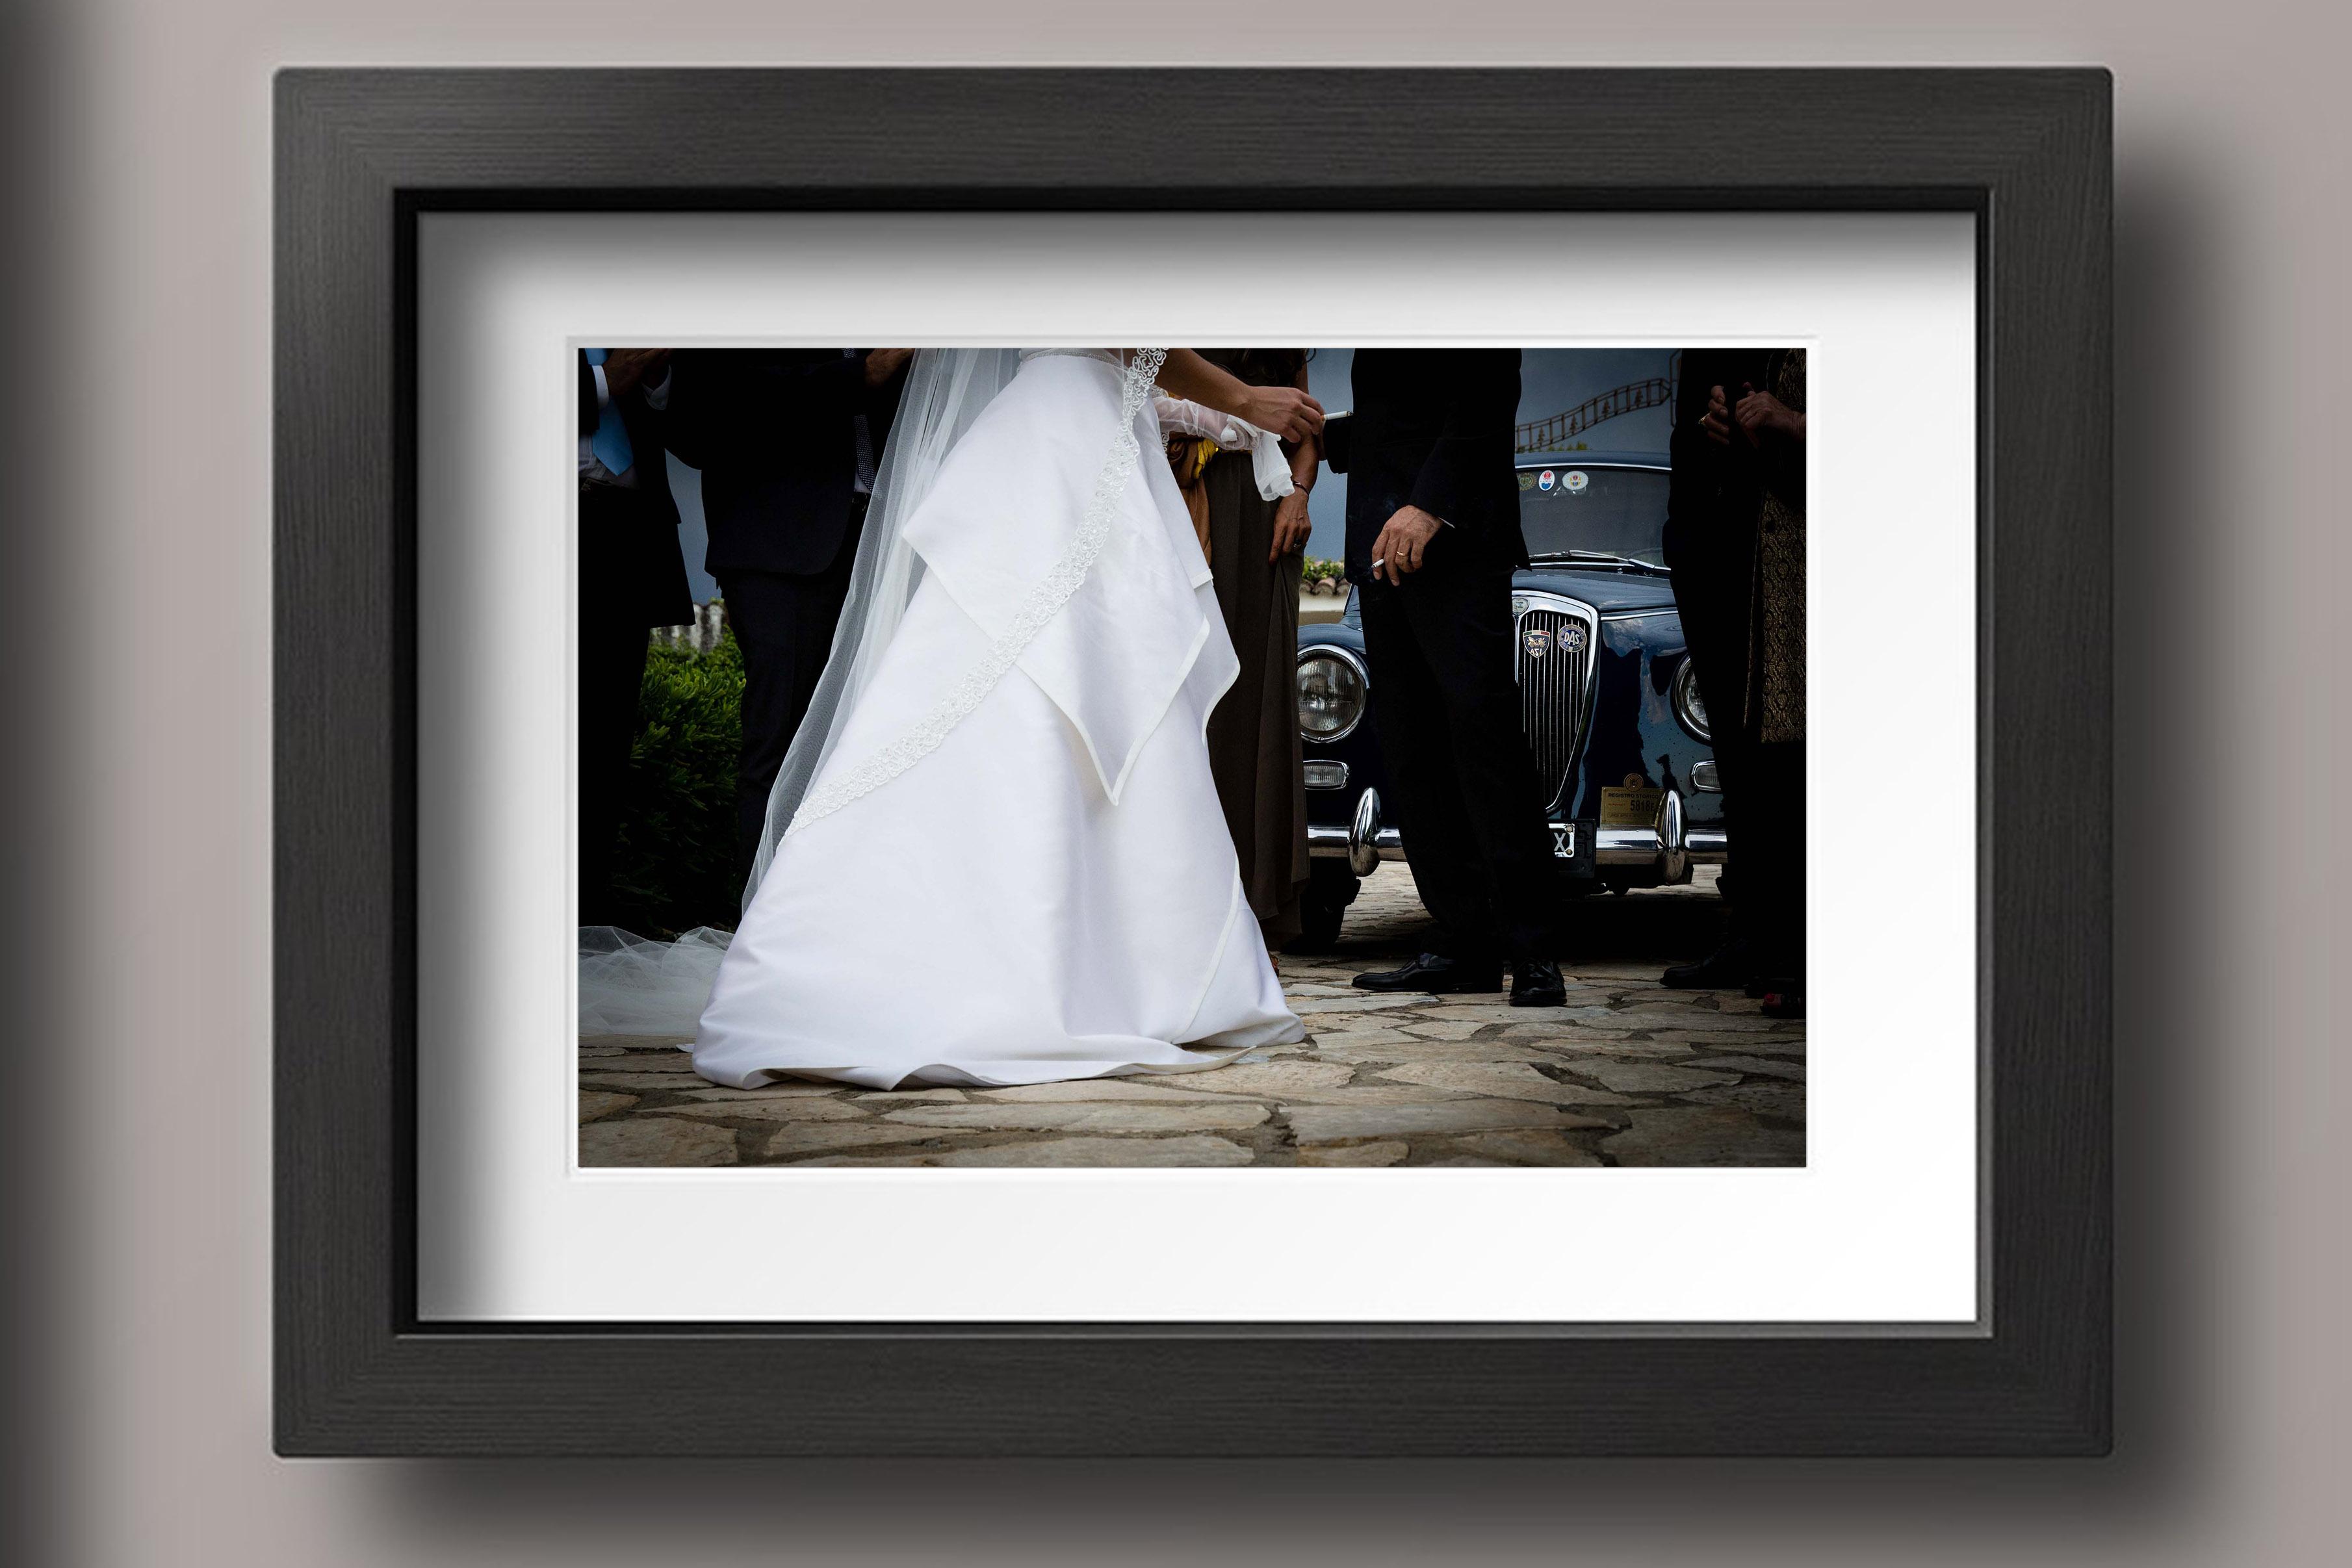 Matrimonio in stile PPA - Aristide e Meli - frame